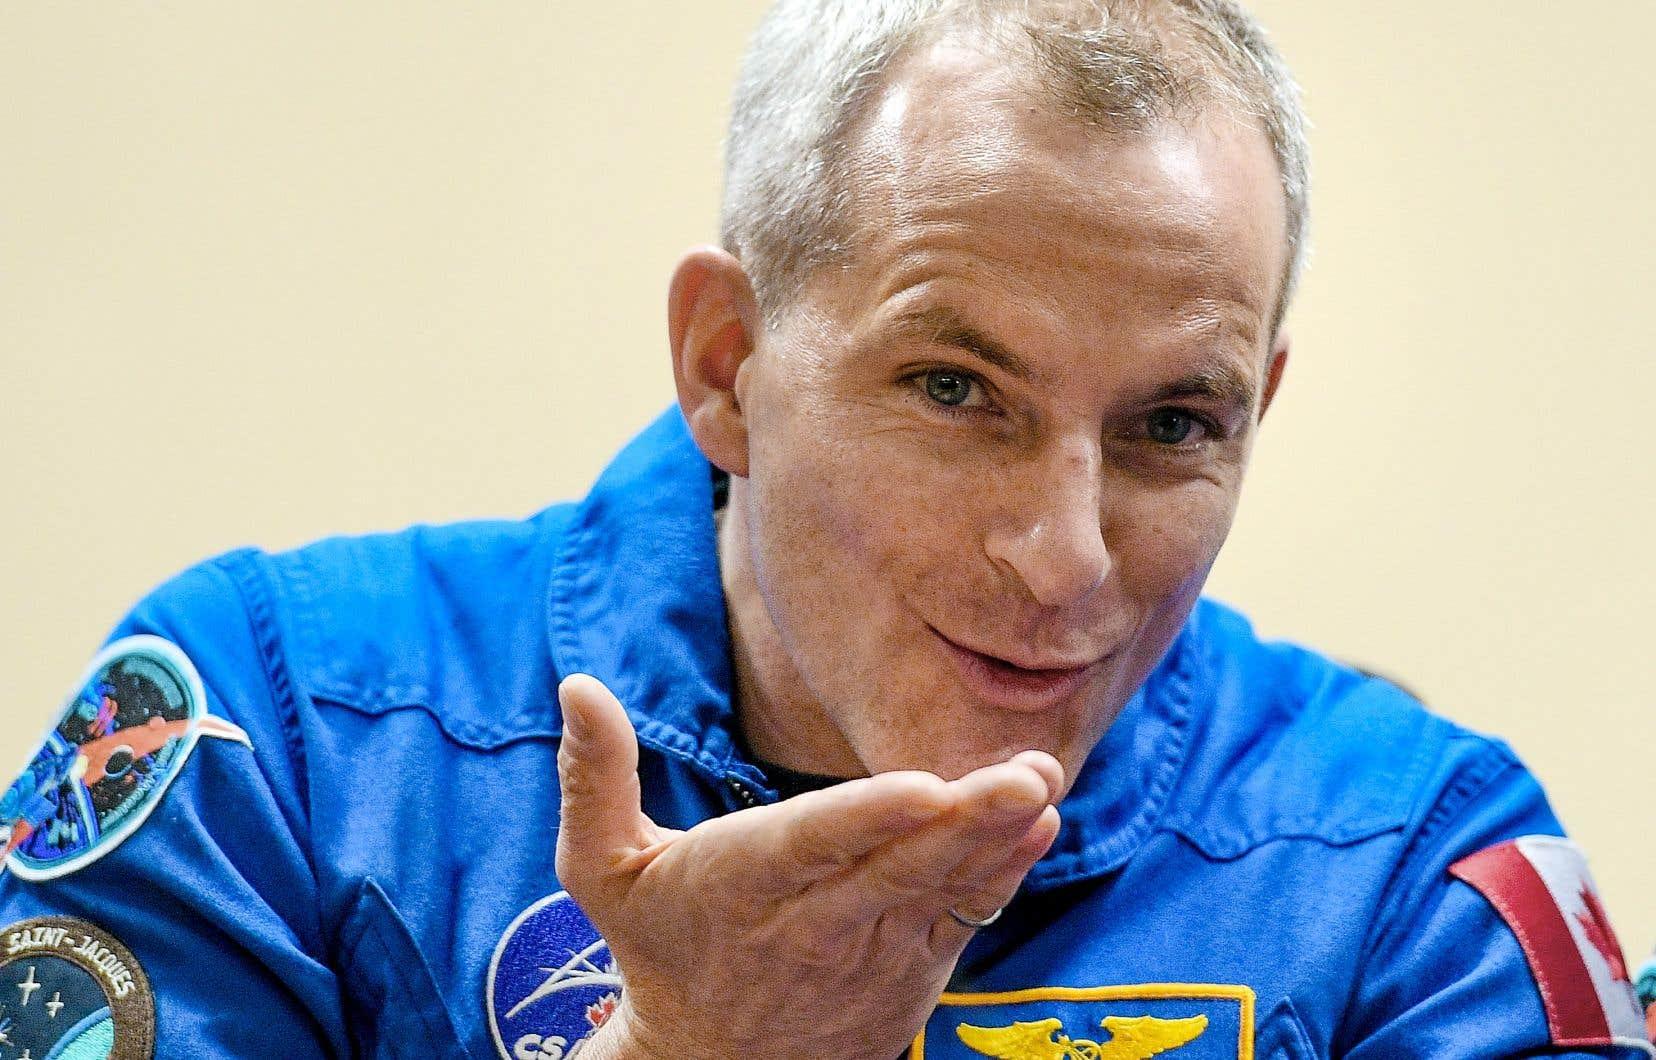 L'astronaute québécois David Saint-Jacques envoie un baiser lors de la conférence de presse à la base de Baïkonour, au Kazakhstan.